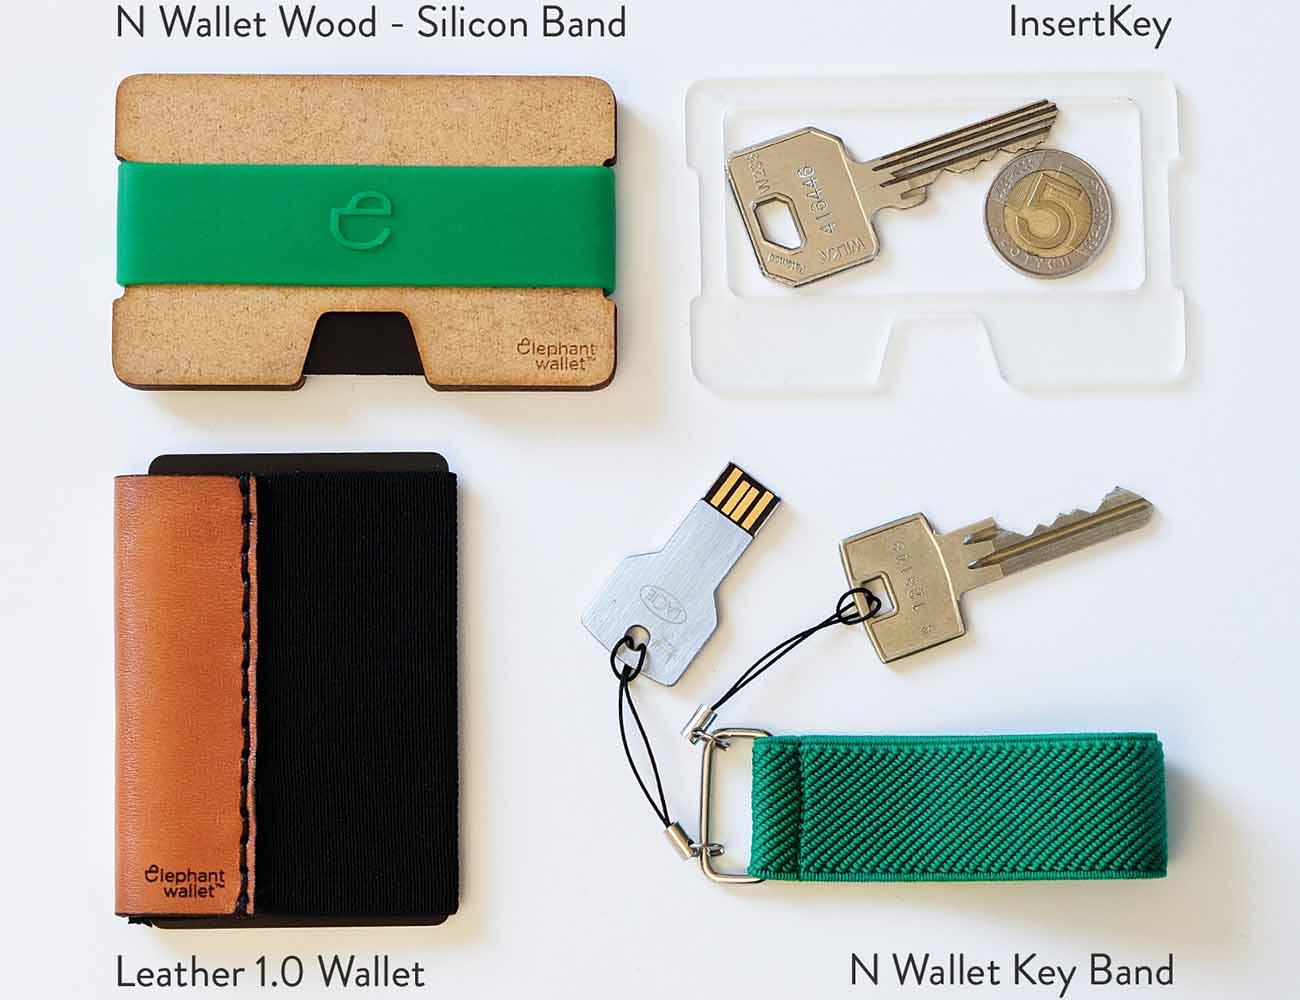 The N Wallet by ElephantWallet